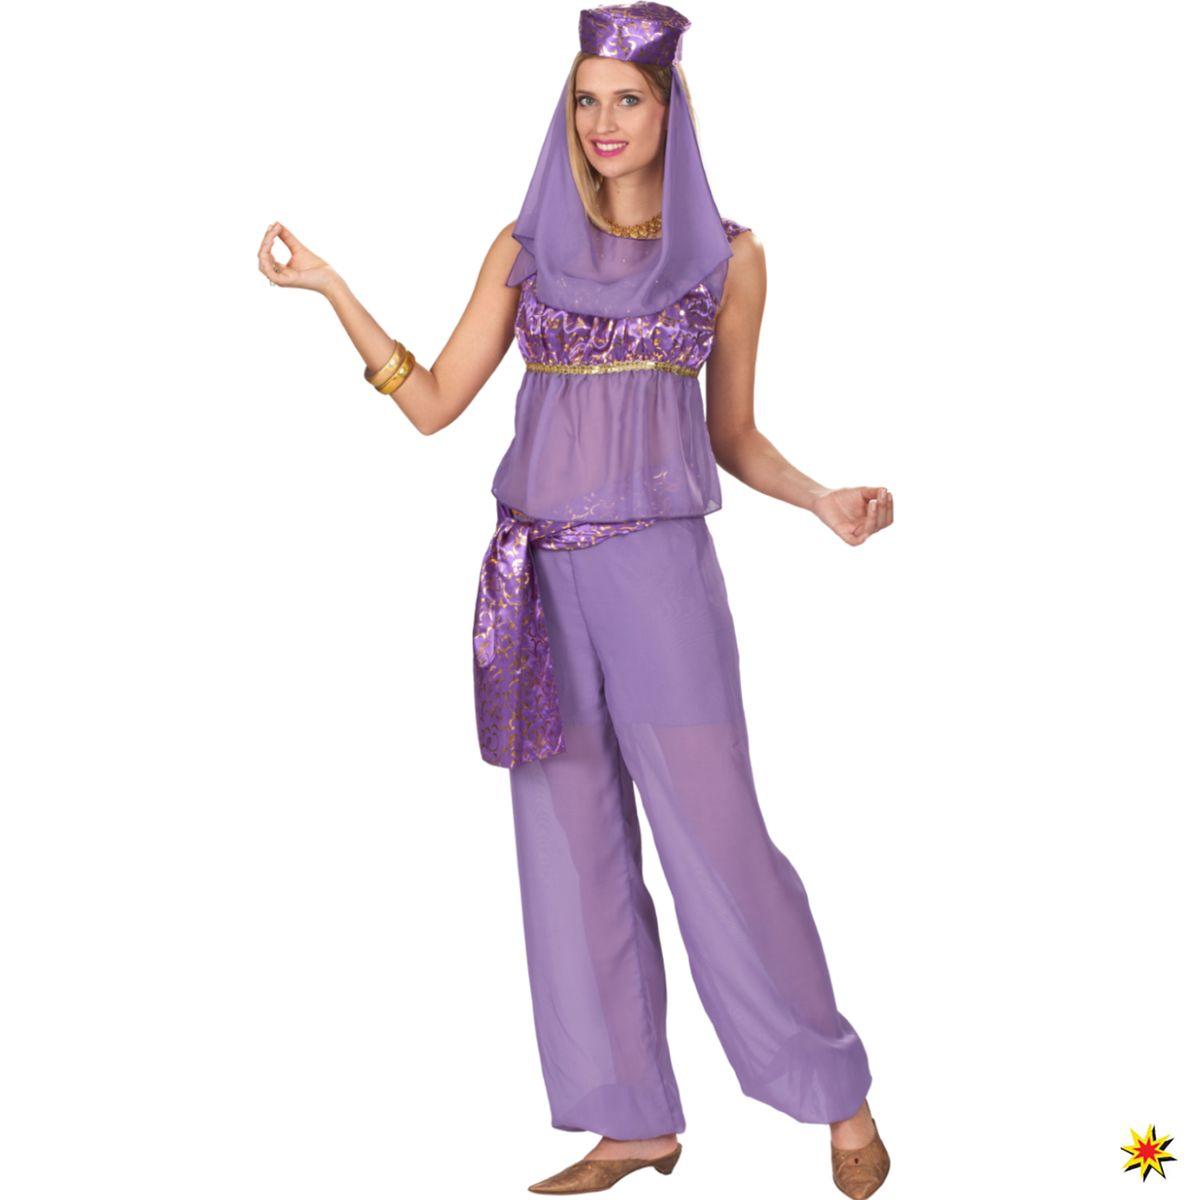 Damen Kostum Orient Jeannie Rana Grosse 44 46